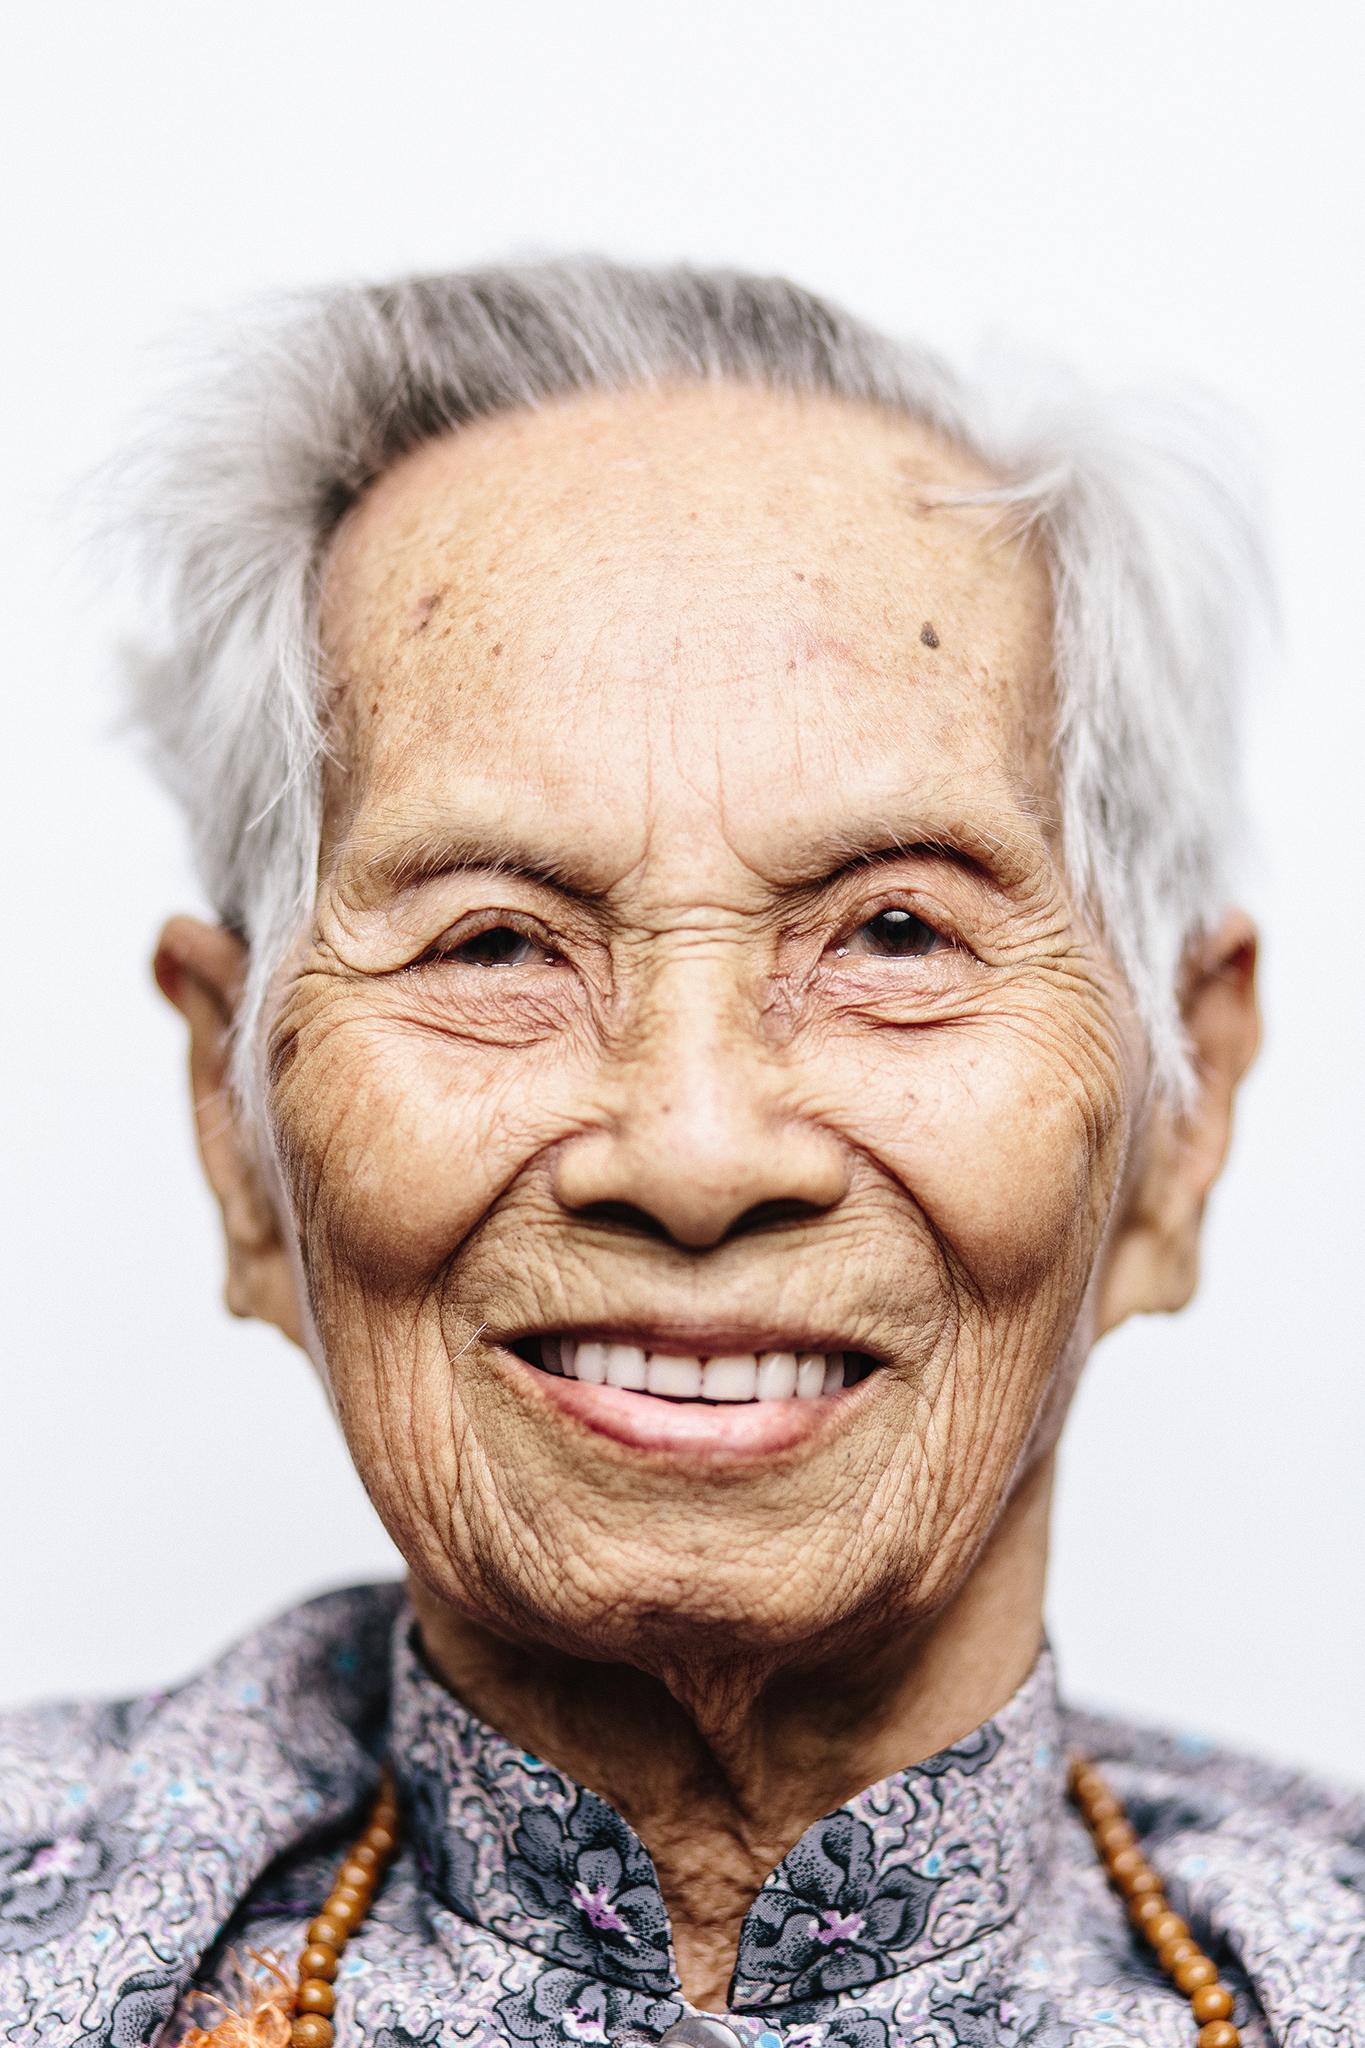 Soo Too Mie - Singapore Centenarian. SG 100.